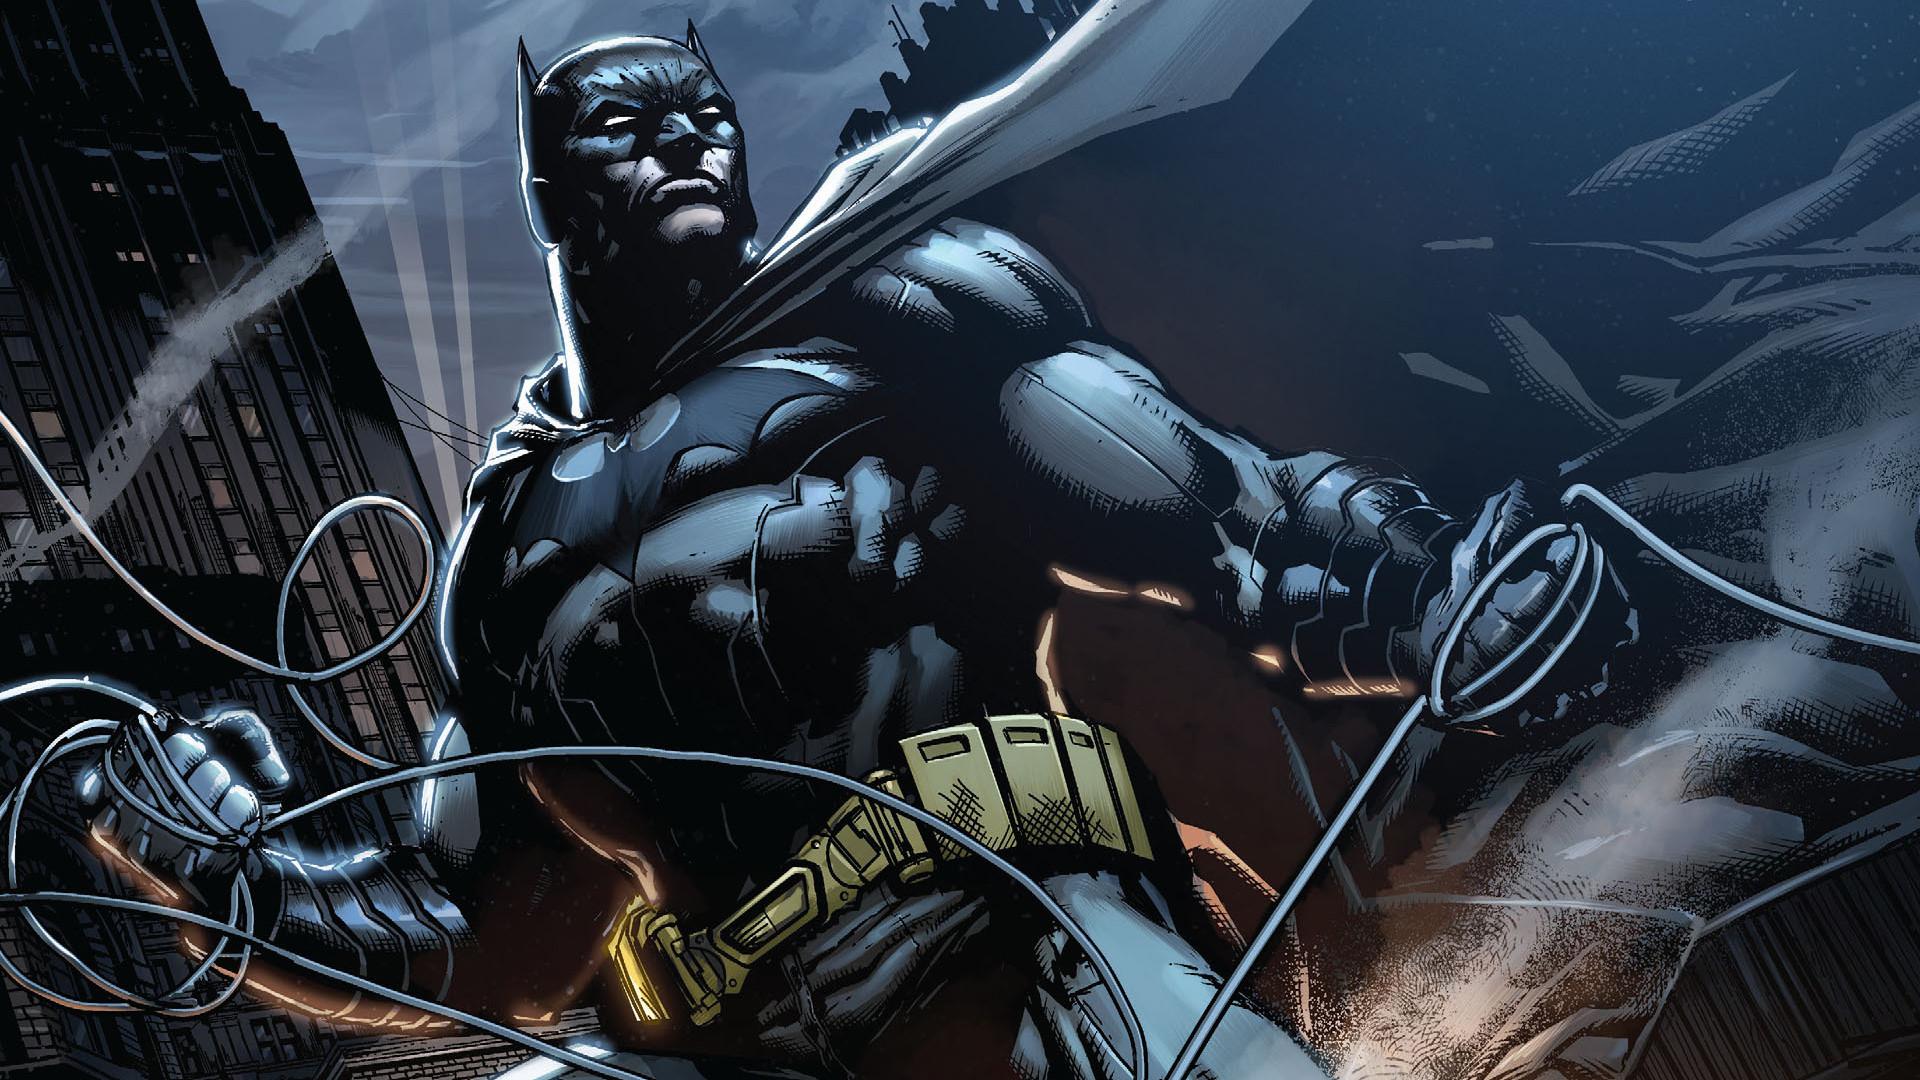 Wallpaper Abyss Explore the Collection Batman Comics Batman 436532 .